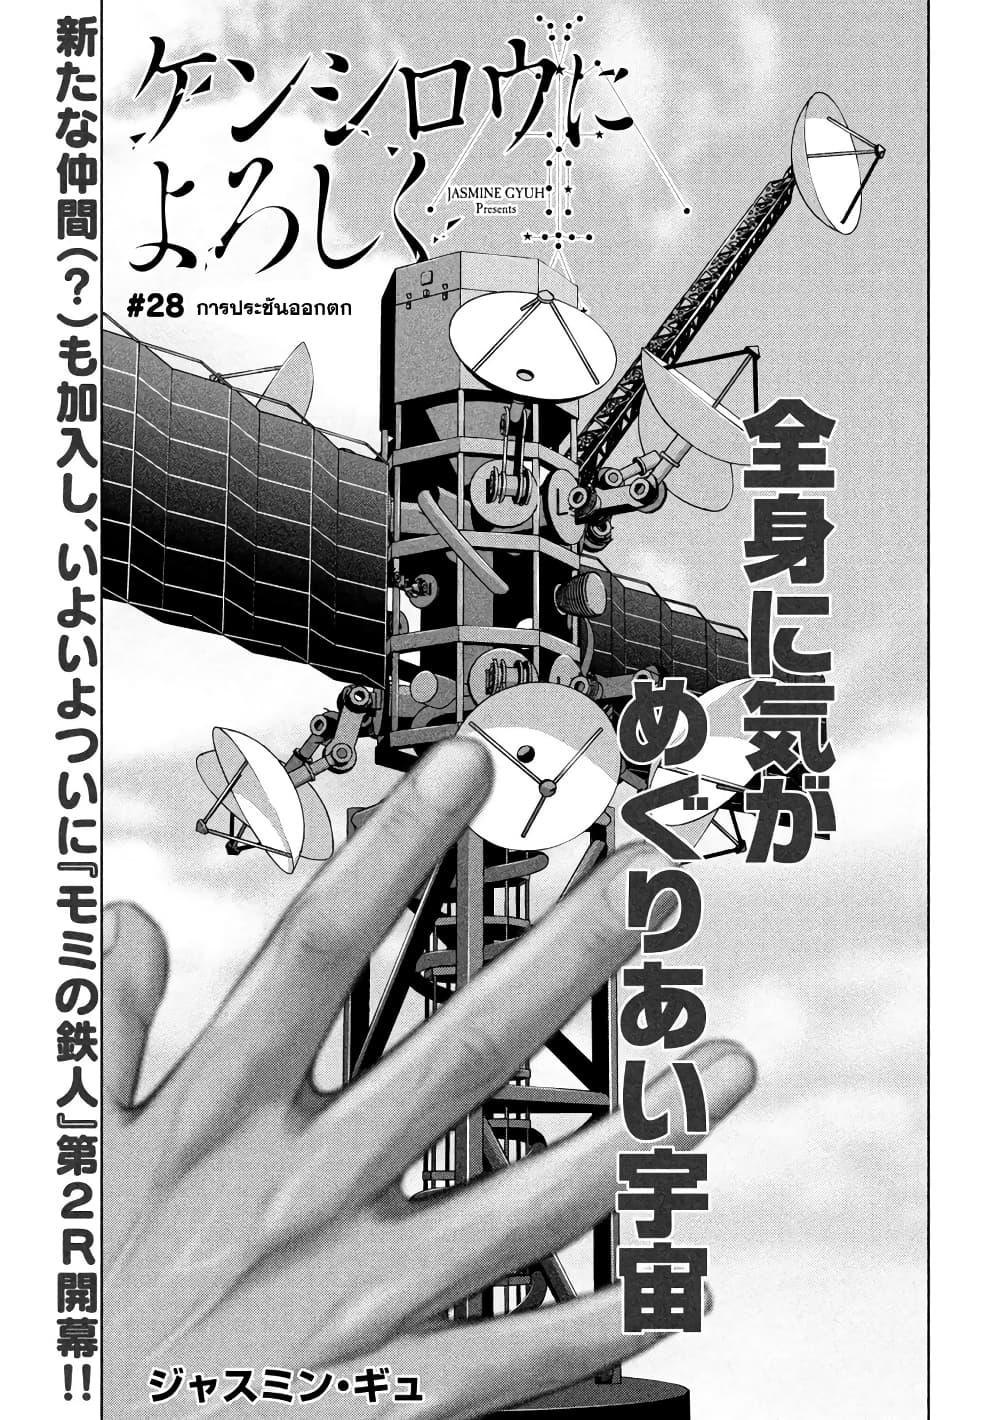 อ่านการ์ตูน Kenshirou ni Yoroshiku ตอนที่ 28 หน้าที่ 1